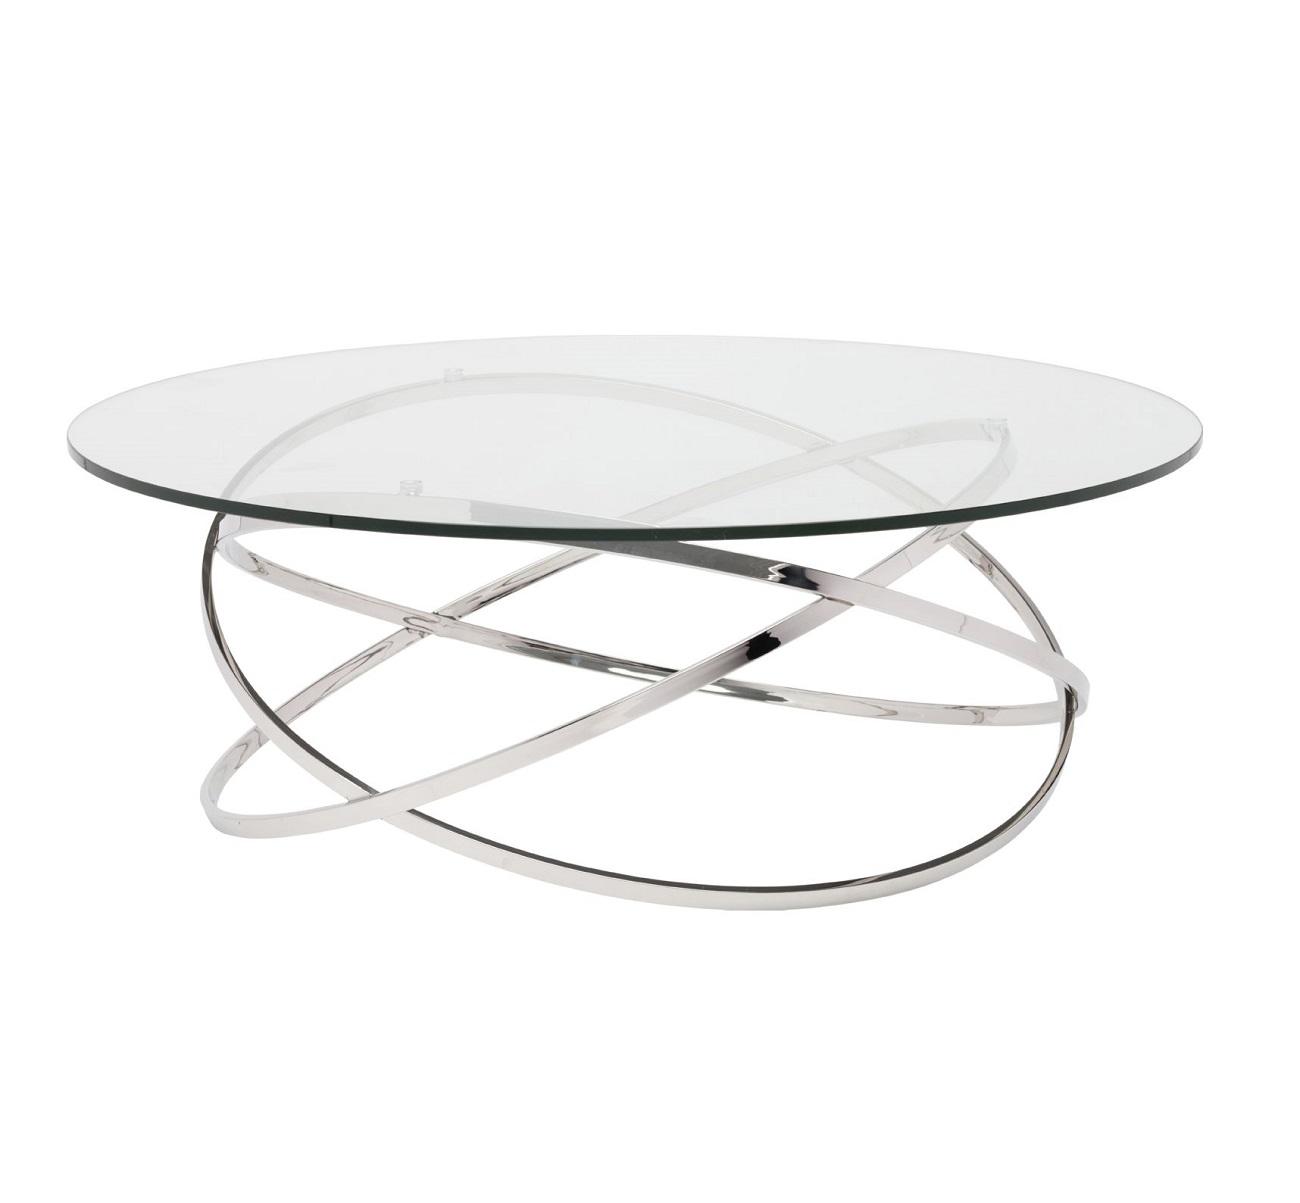 Nuevo Coffee Table, Nuevo Corel Coffee Table